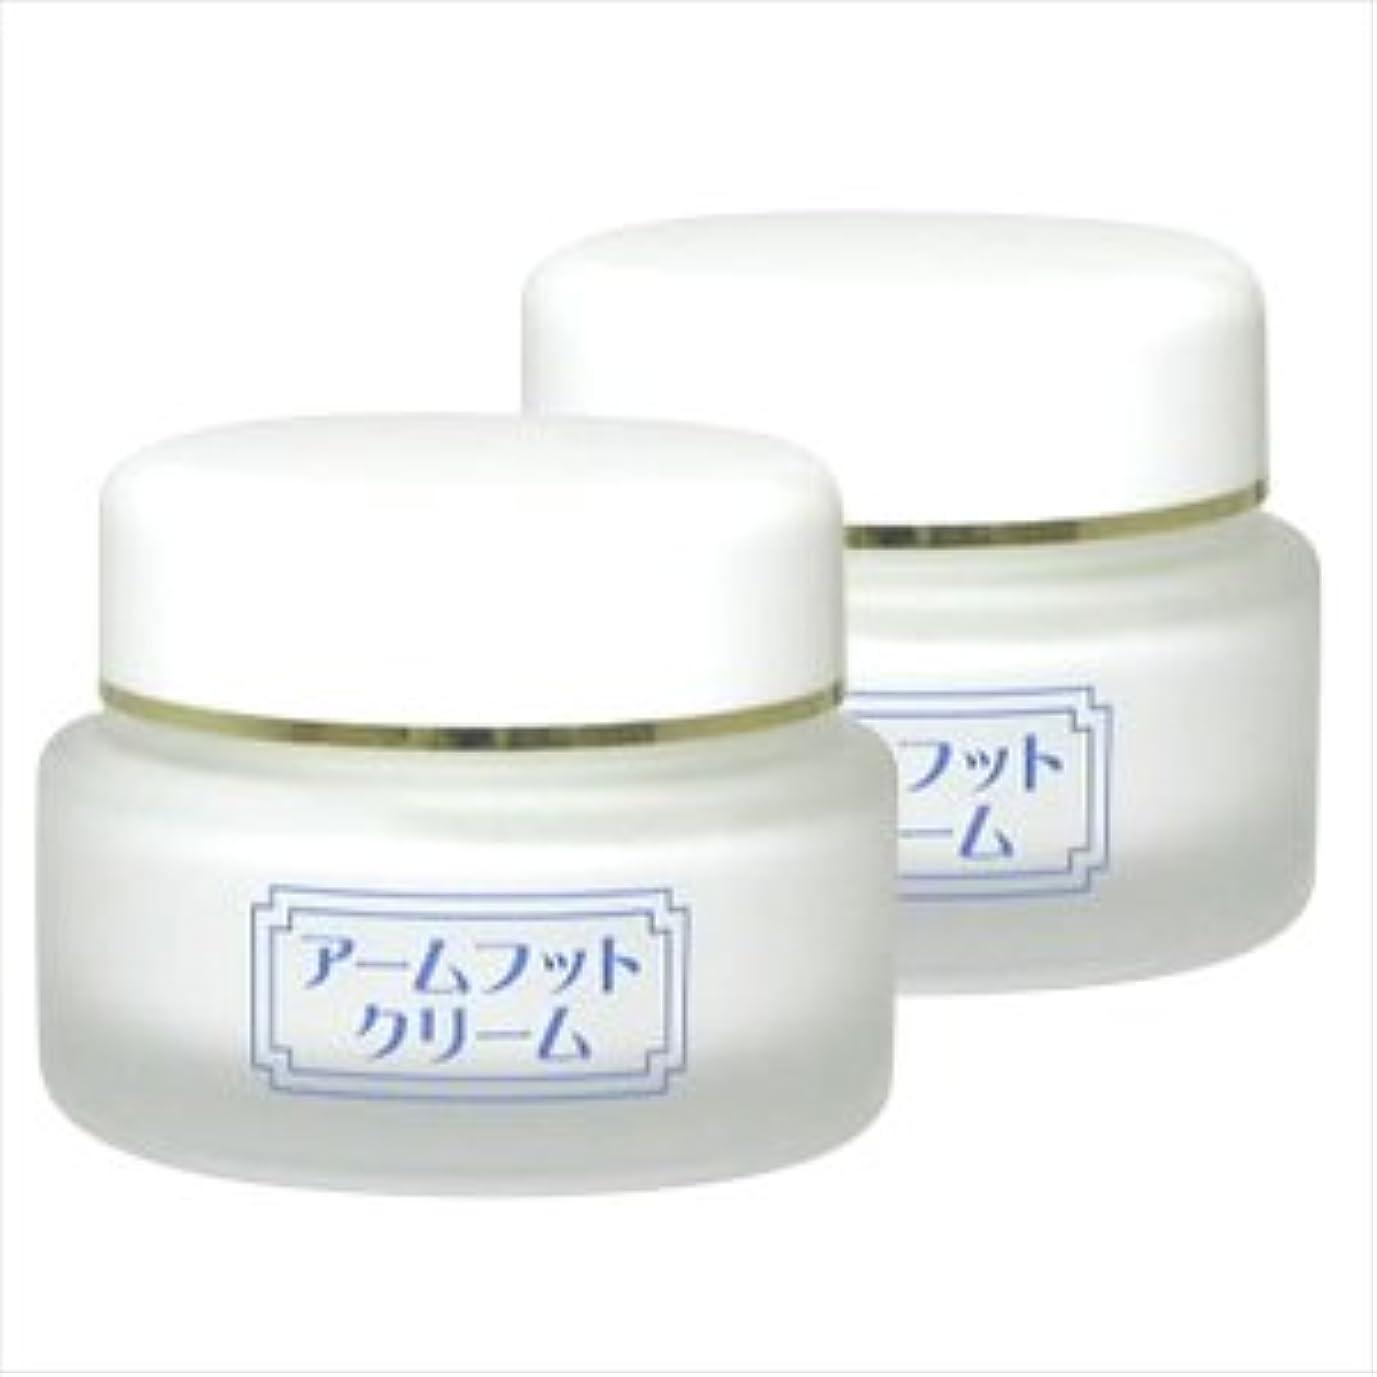 ビリーうなるトンネル薬用デオドラントクリーム アームフットクリーム(20g) (2個セット)